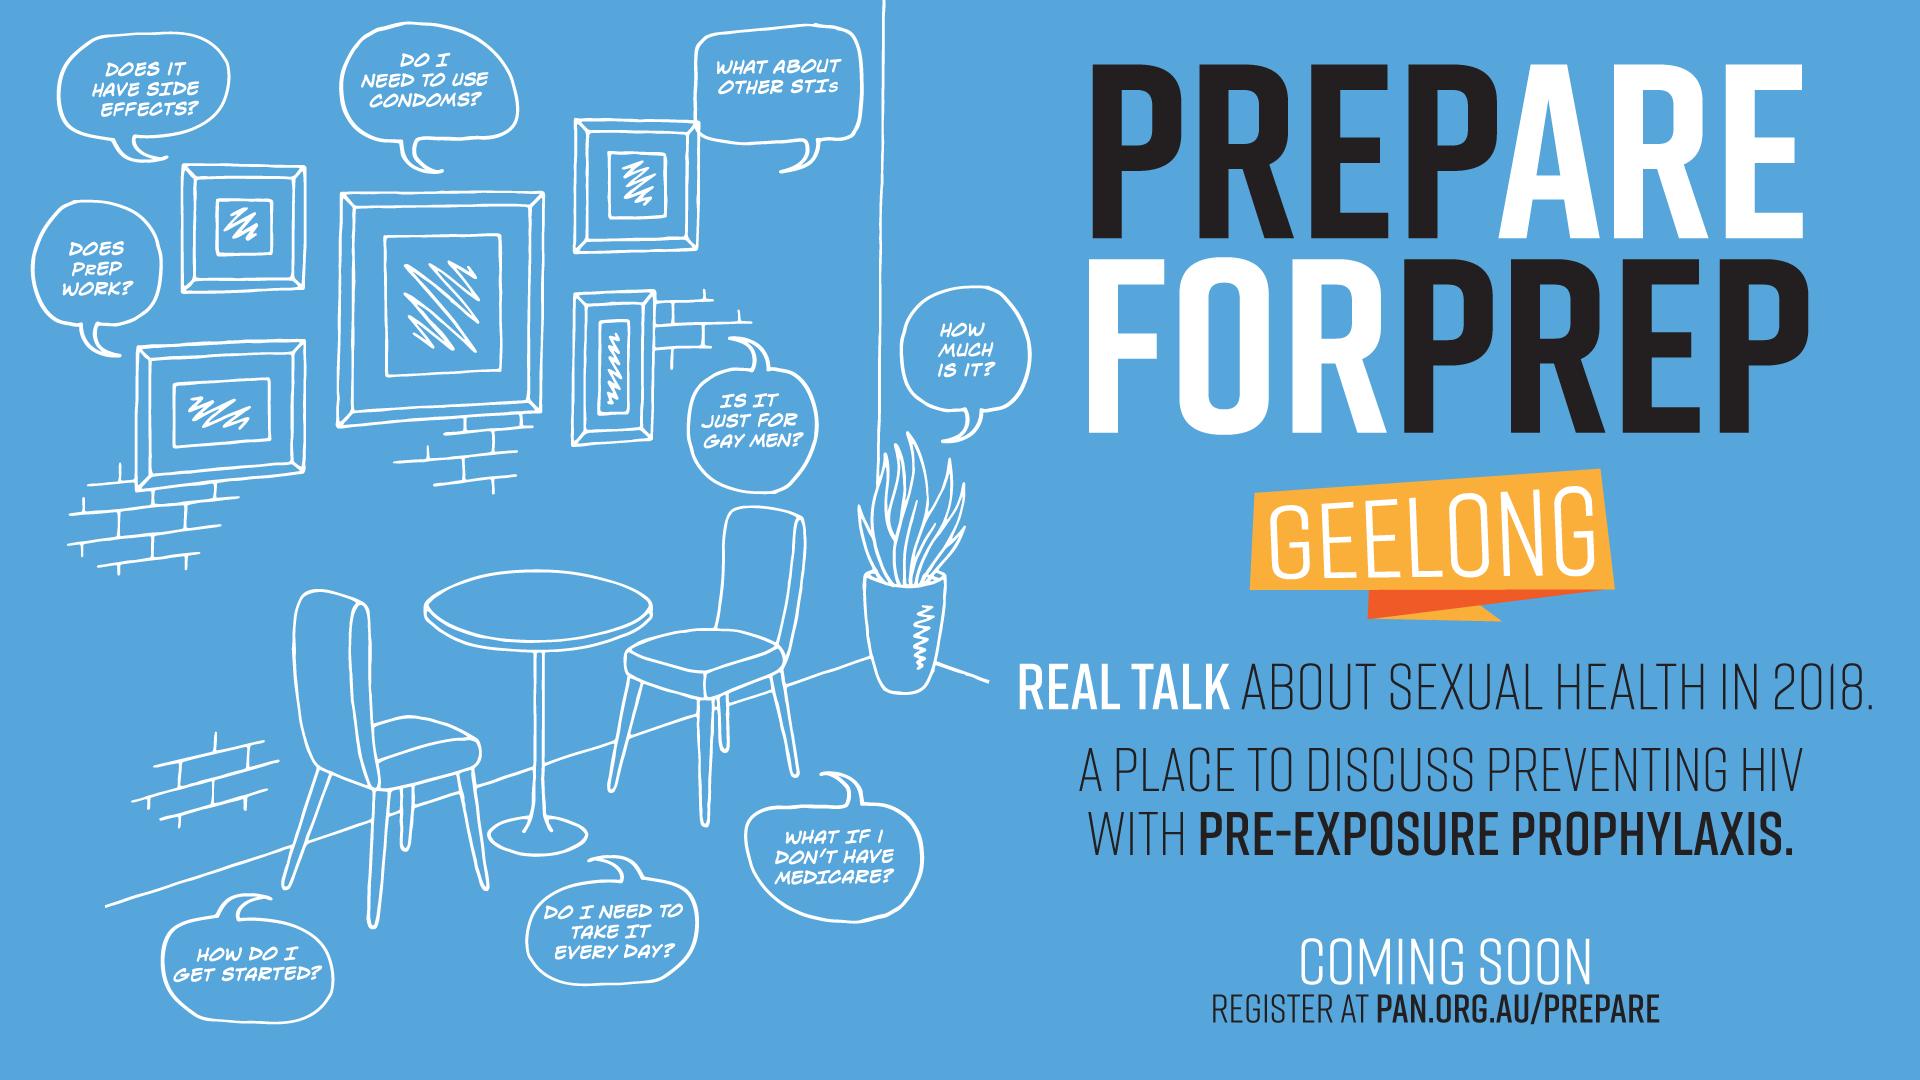 prepareforprep-geelong.png